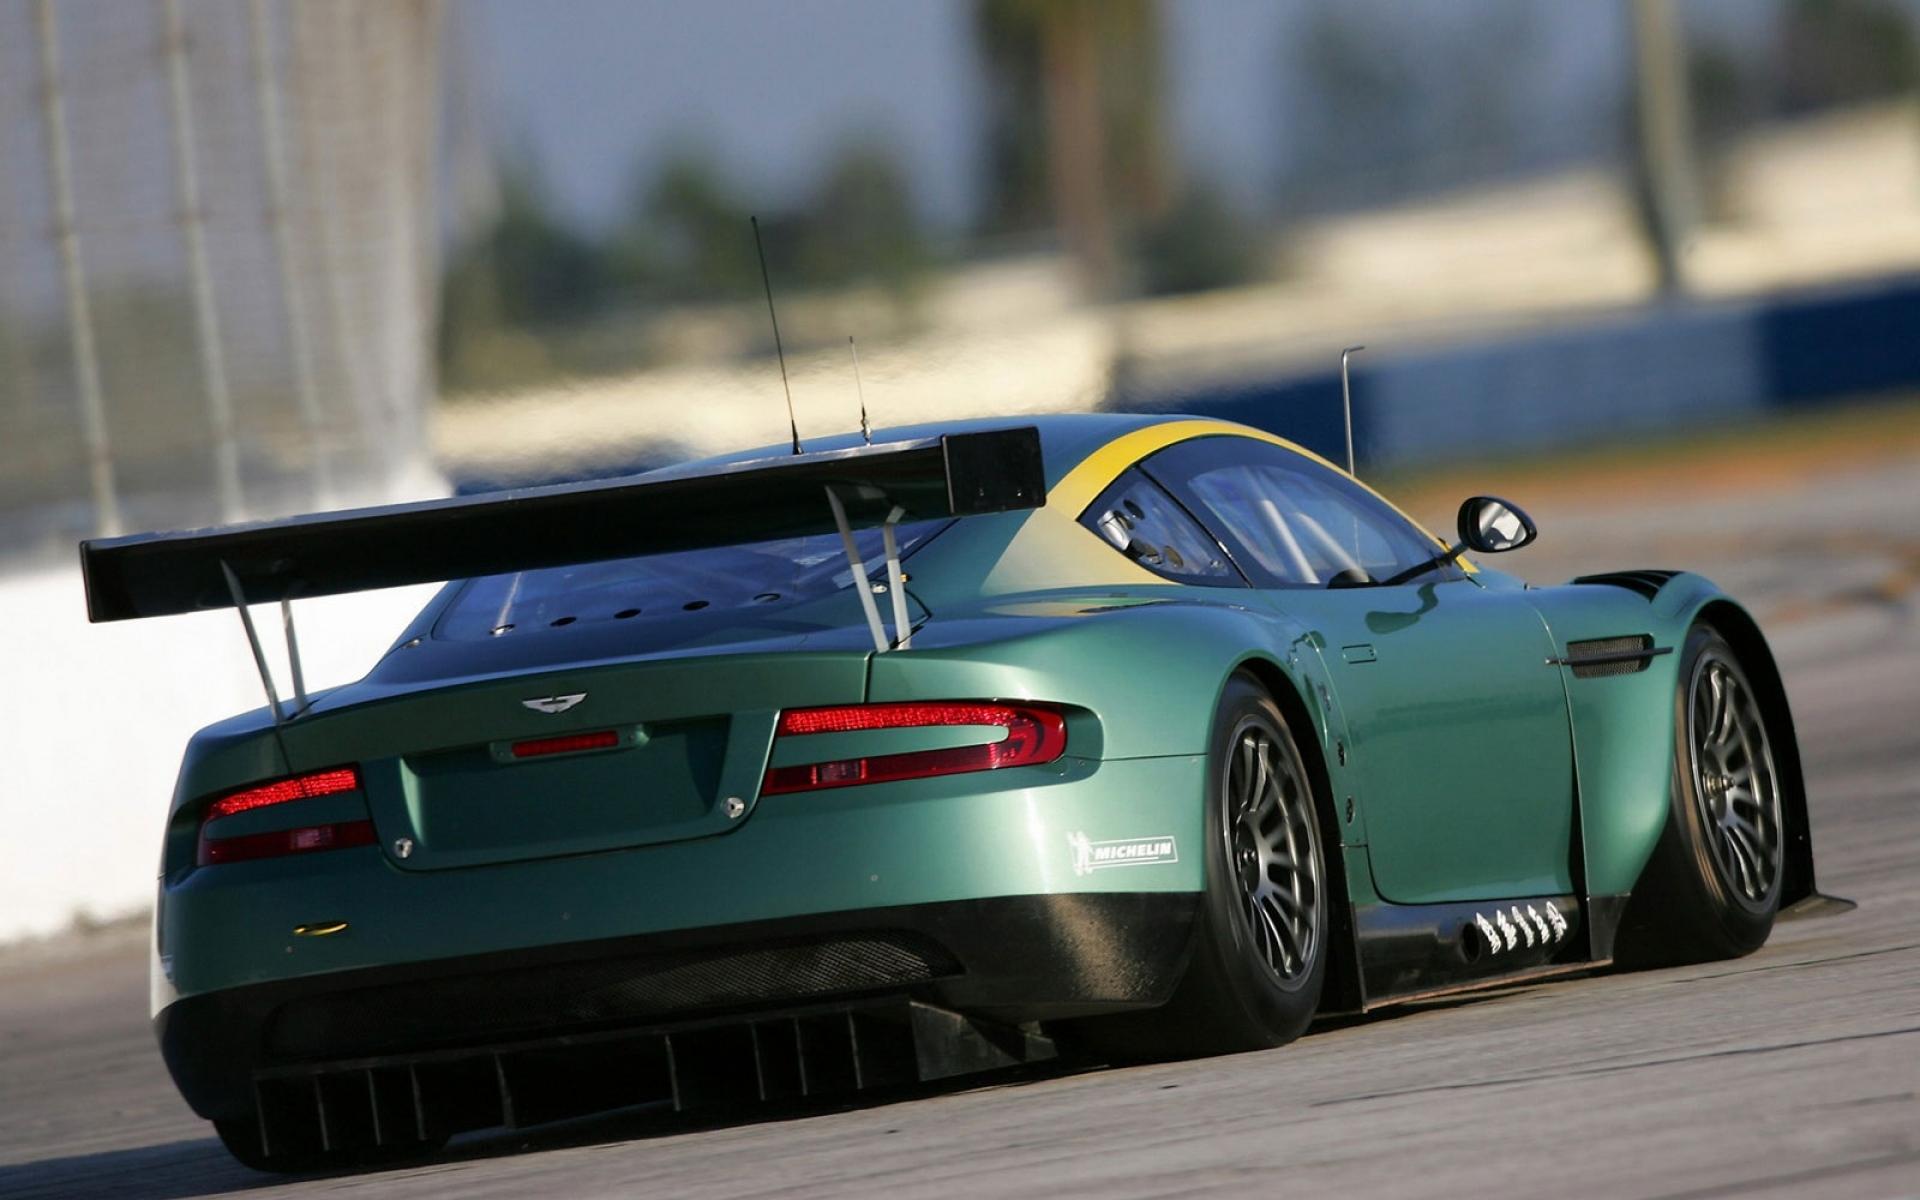 Картинки Aston martin, dbr9, 2005, зеленый, вид сзади, стиль, спорт, автомобиль, гоночный автомобиль, асфальт фото и обои на рабочий стол